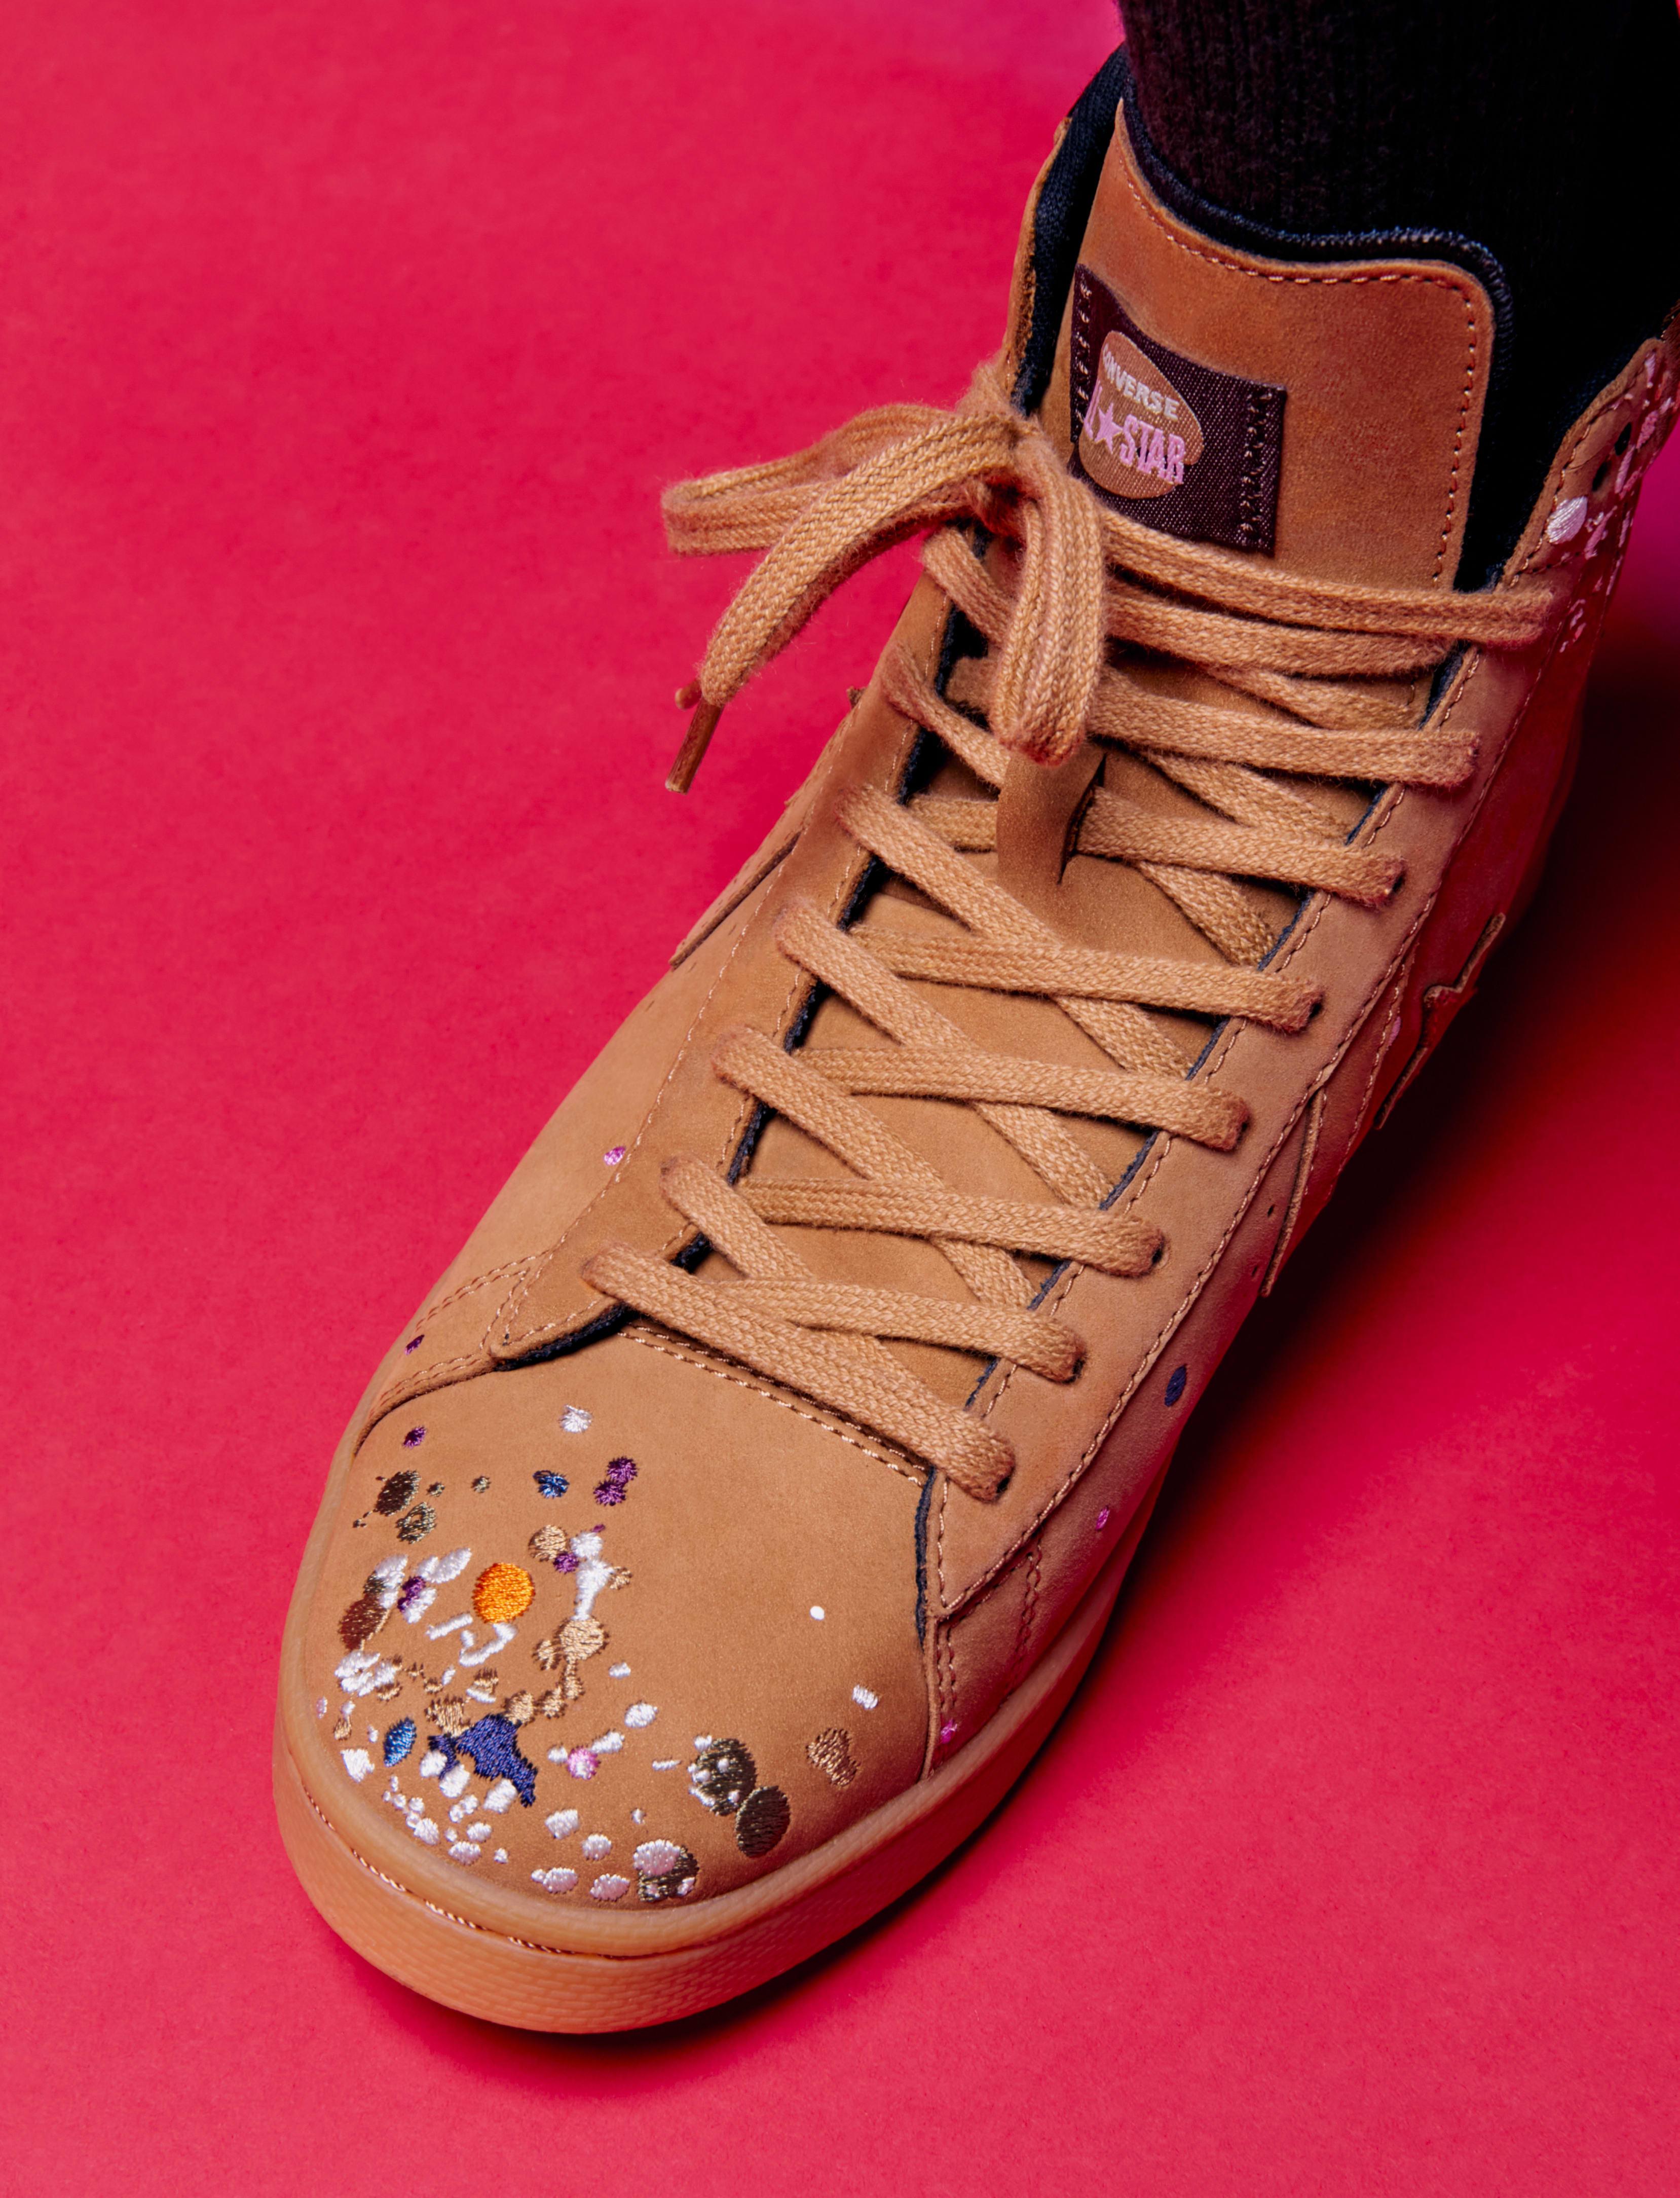 Bandulu x Converse Pro Leather